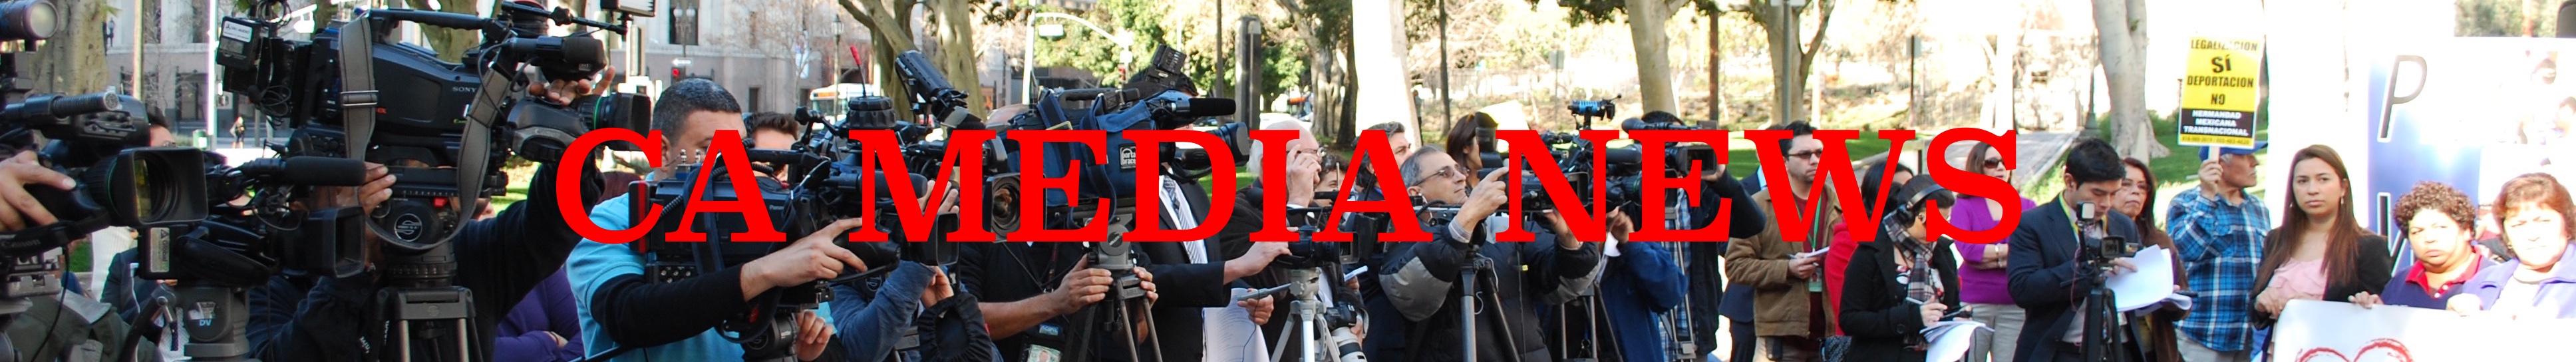 CA MEDIA NEWS